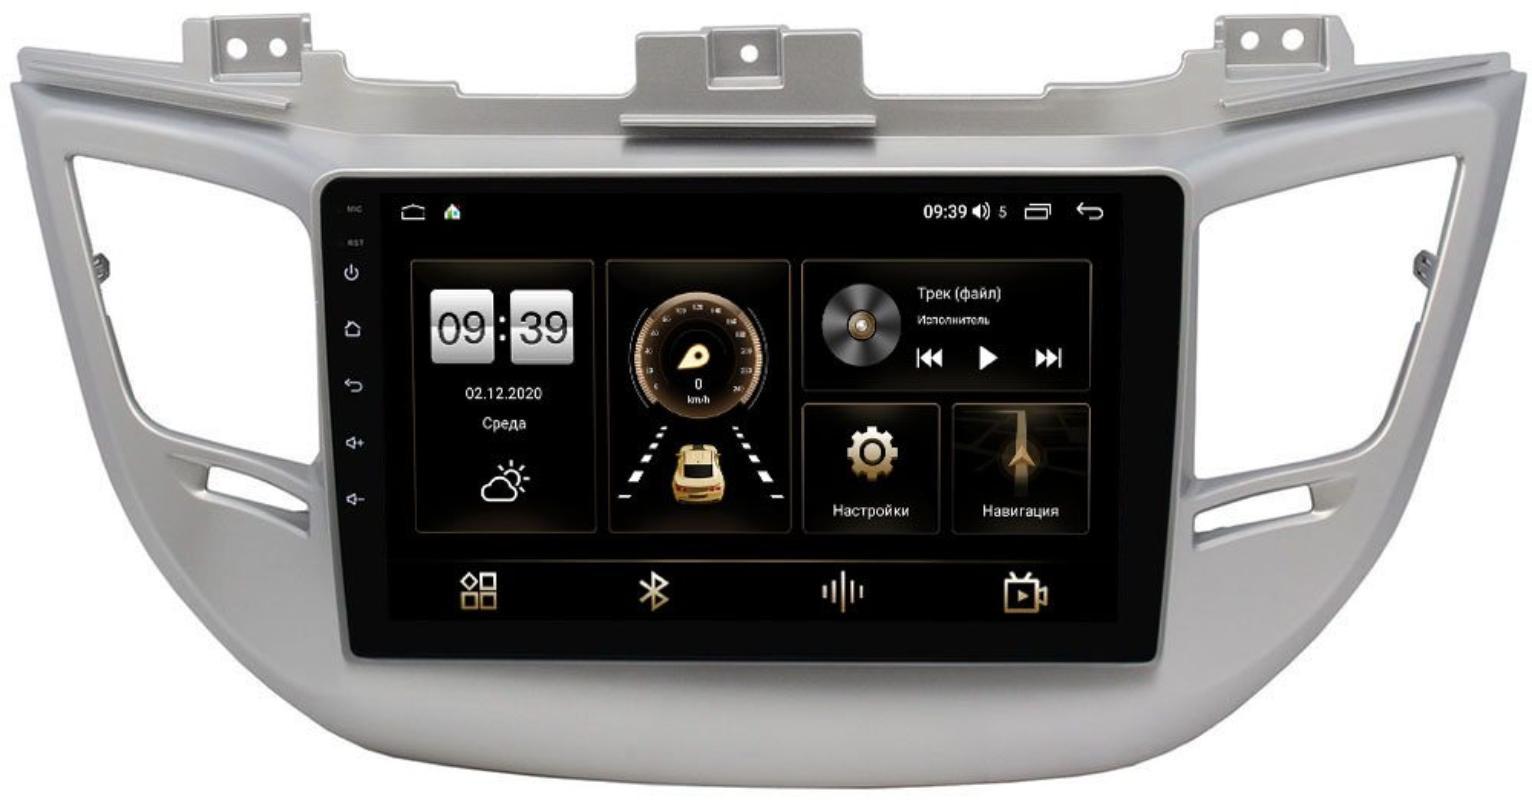 Штатная магнитола LeTrun 4166-9041 для Hyundai Tucson III 2015-2018 на Android 10 (4G-SIM, 3/32, DSP, QLed) для авто без камеры (+ Камера заднего вида в подарок!)